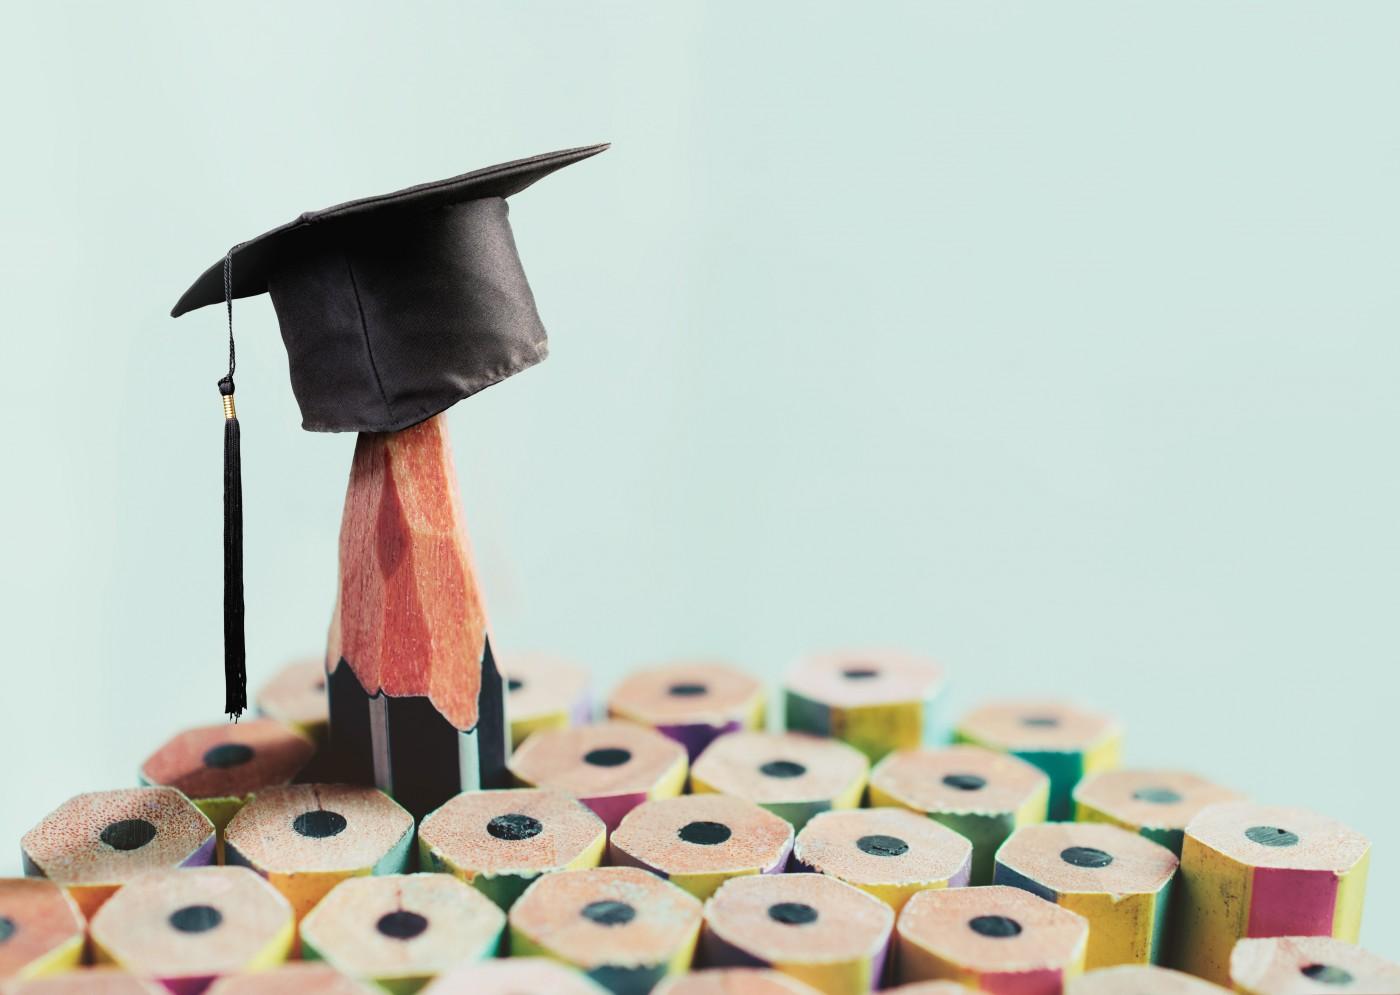 設計類學生的十字路口:升學?就業?創業?